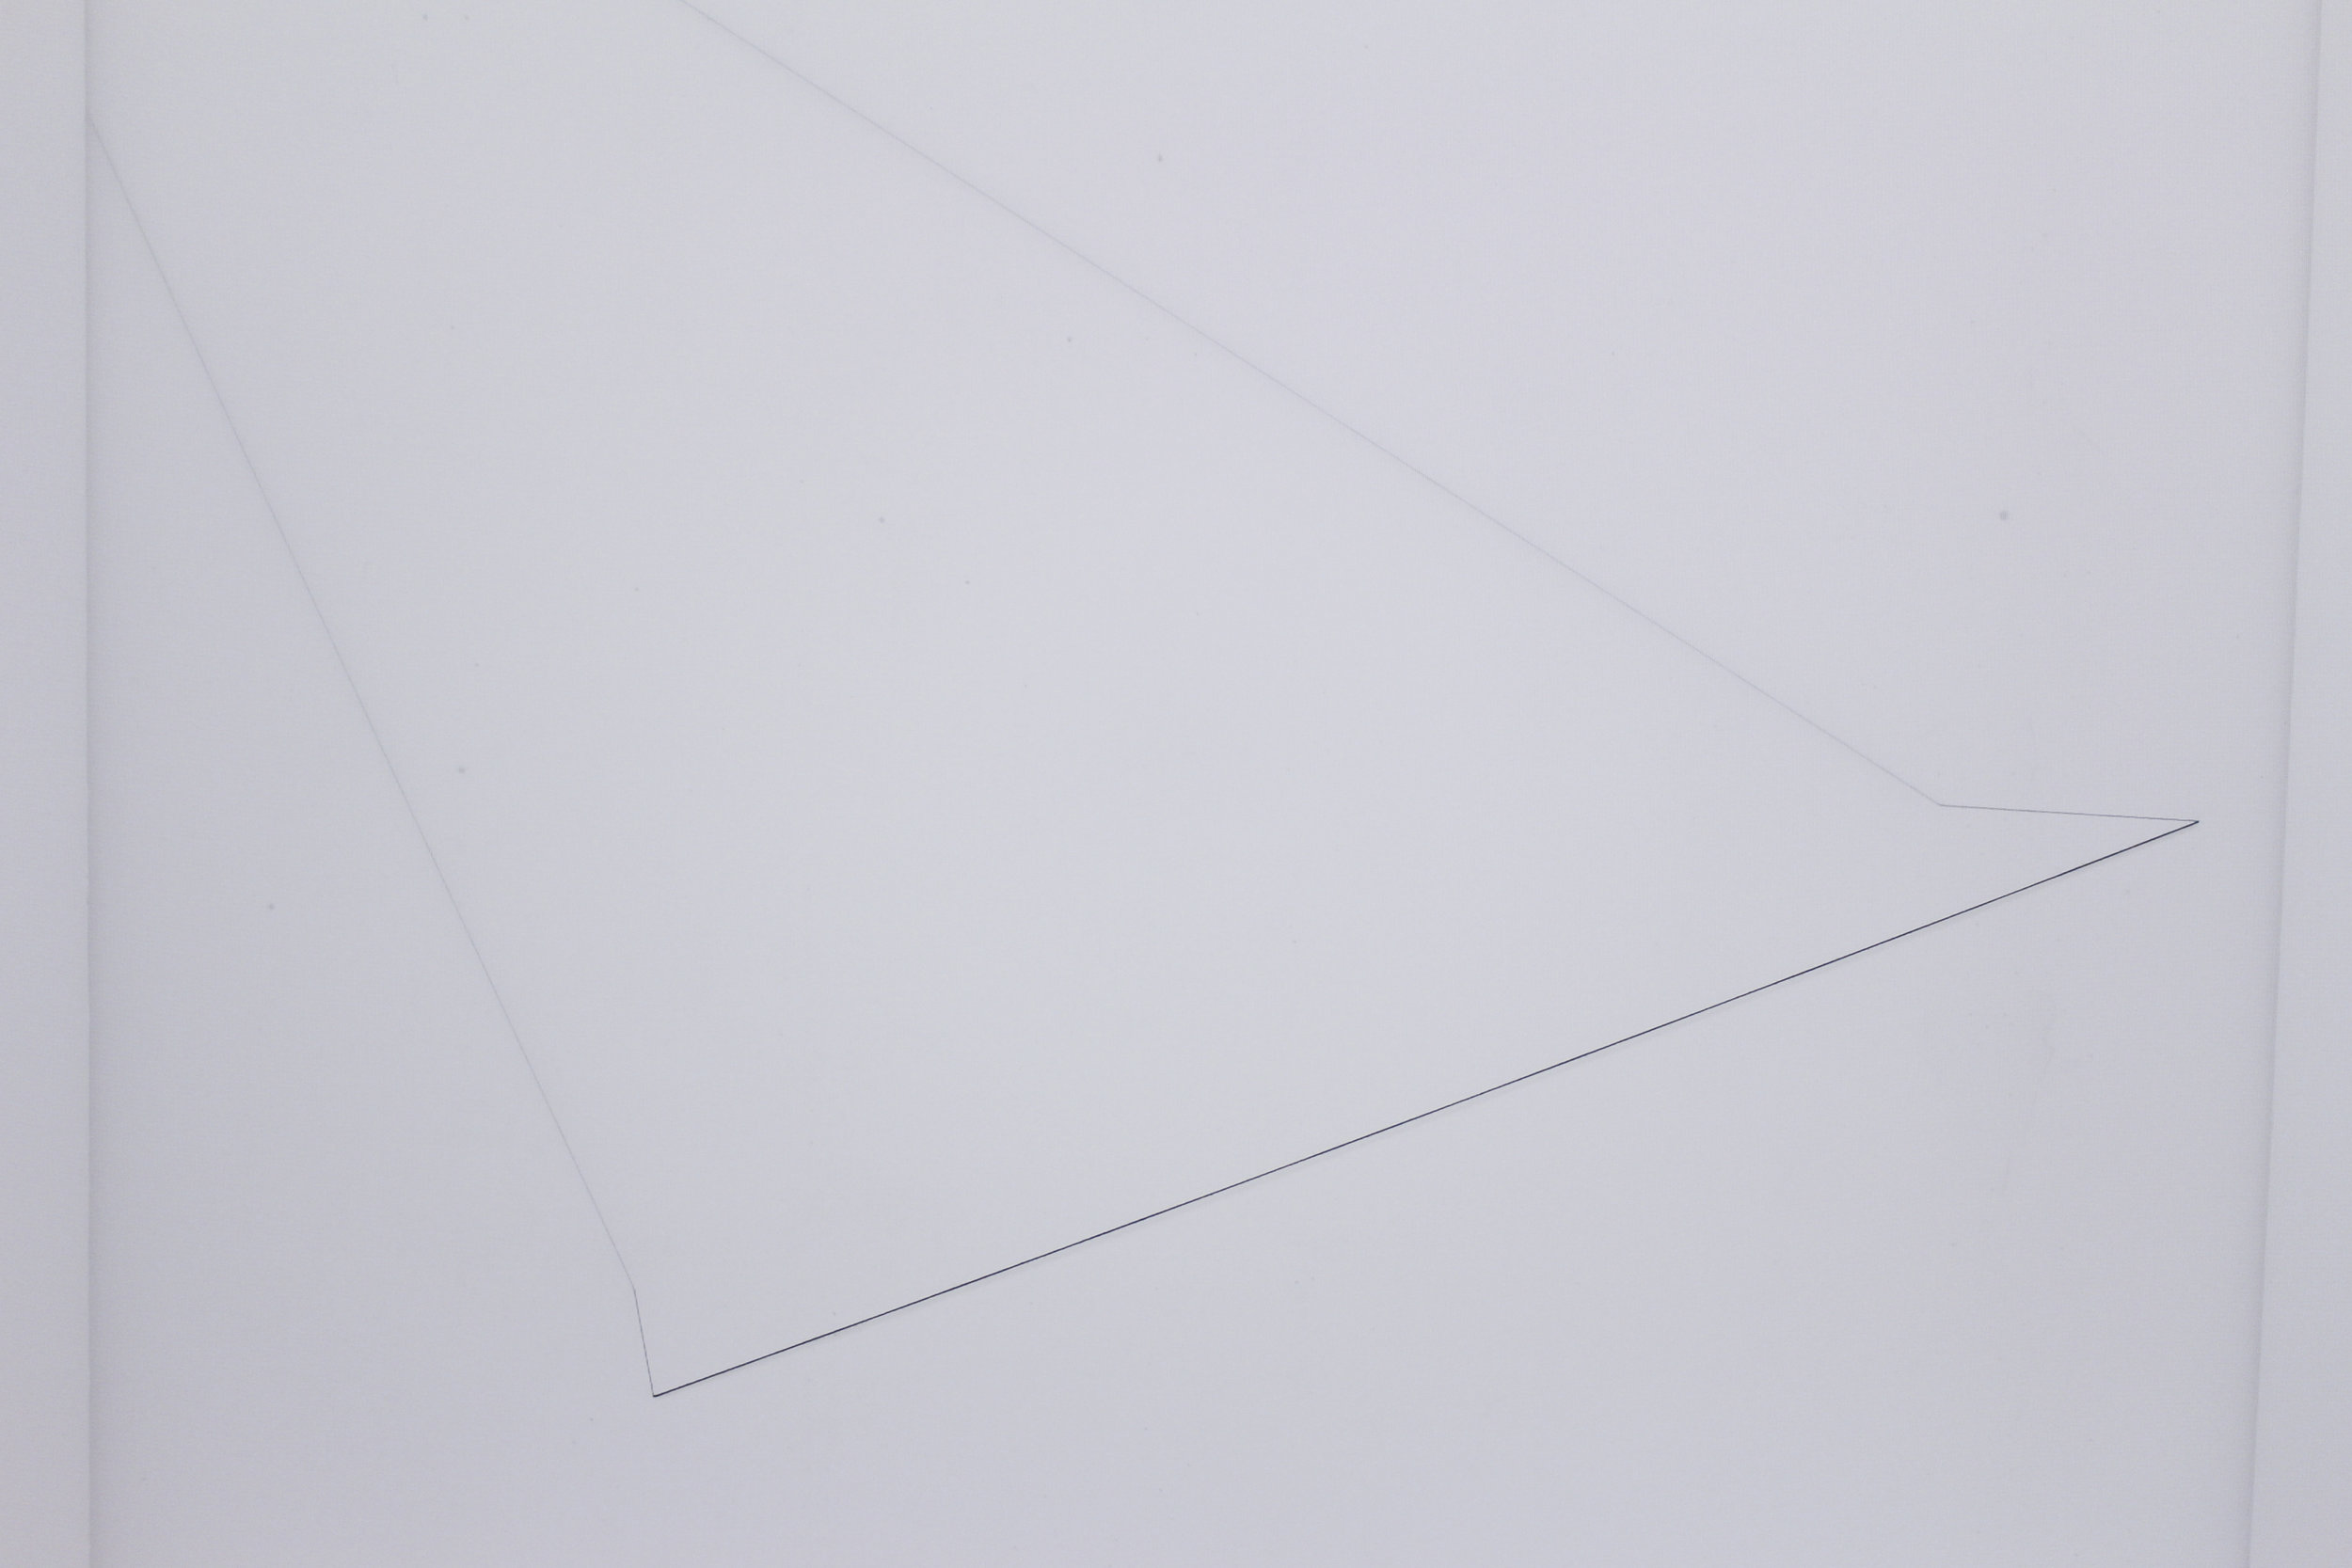 Czapinski-10.jpg